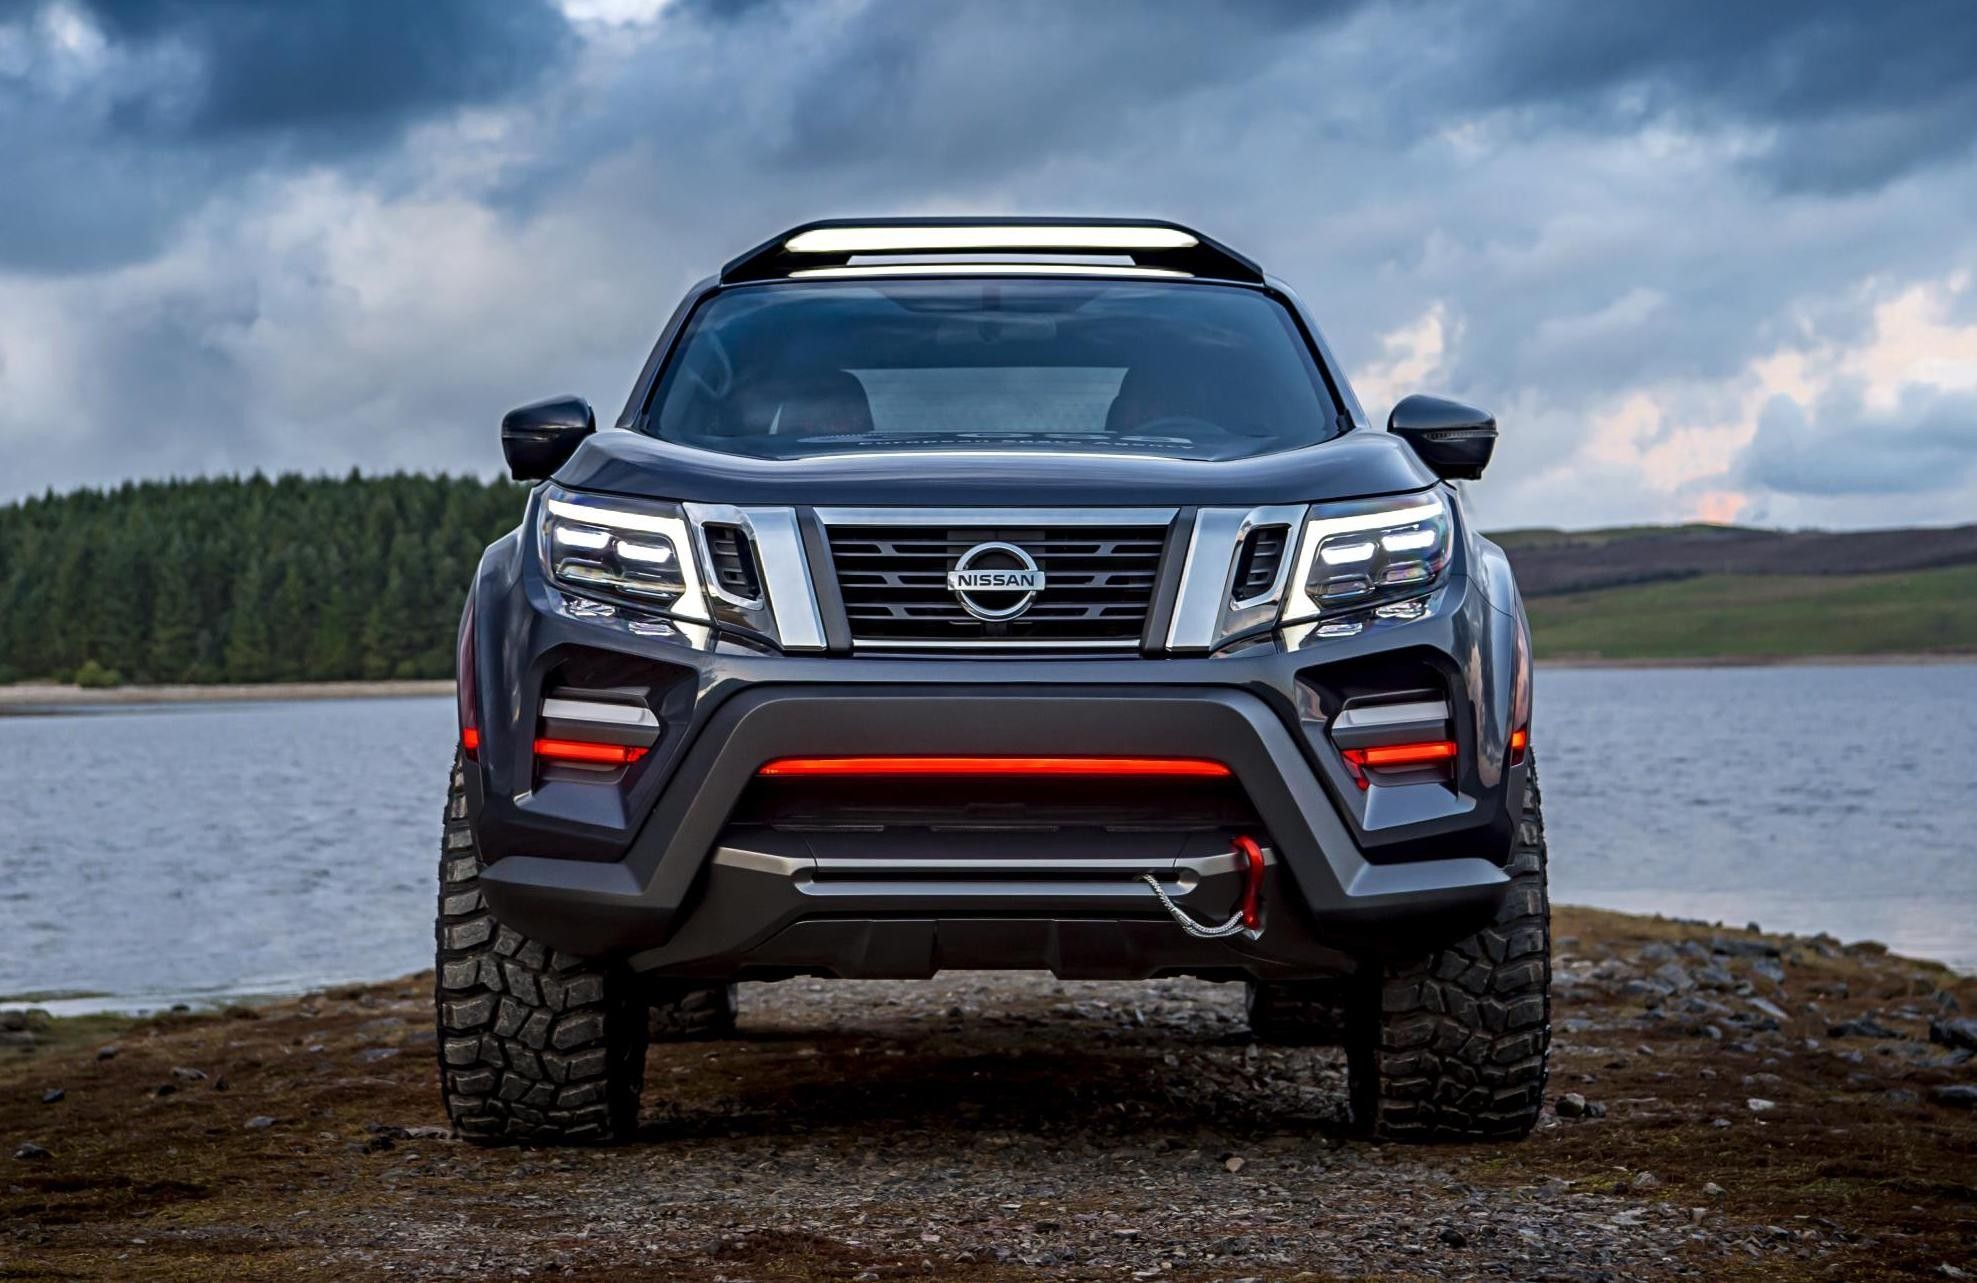 Nissan Ute 2020 New Engine En 2020 Camioneta Nissan Camionetas Carros Y Camionetas